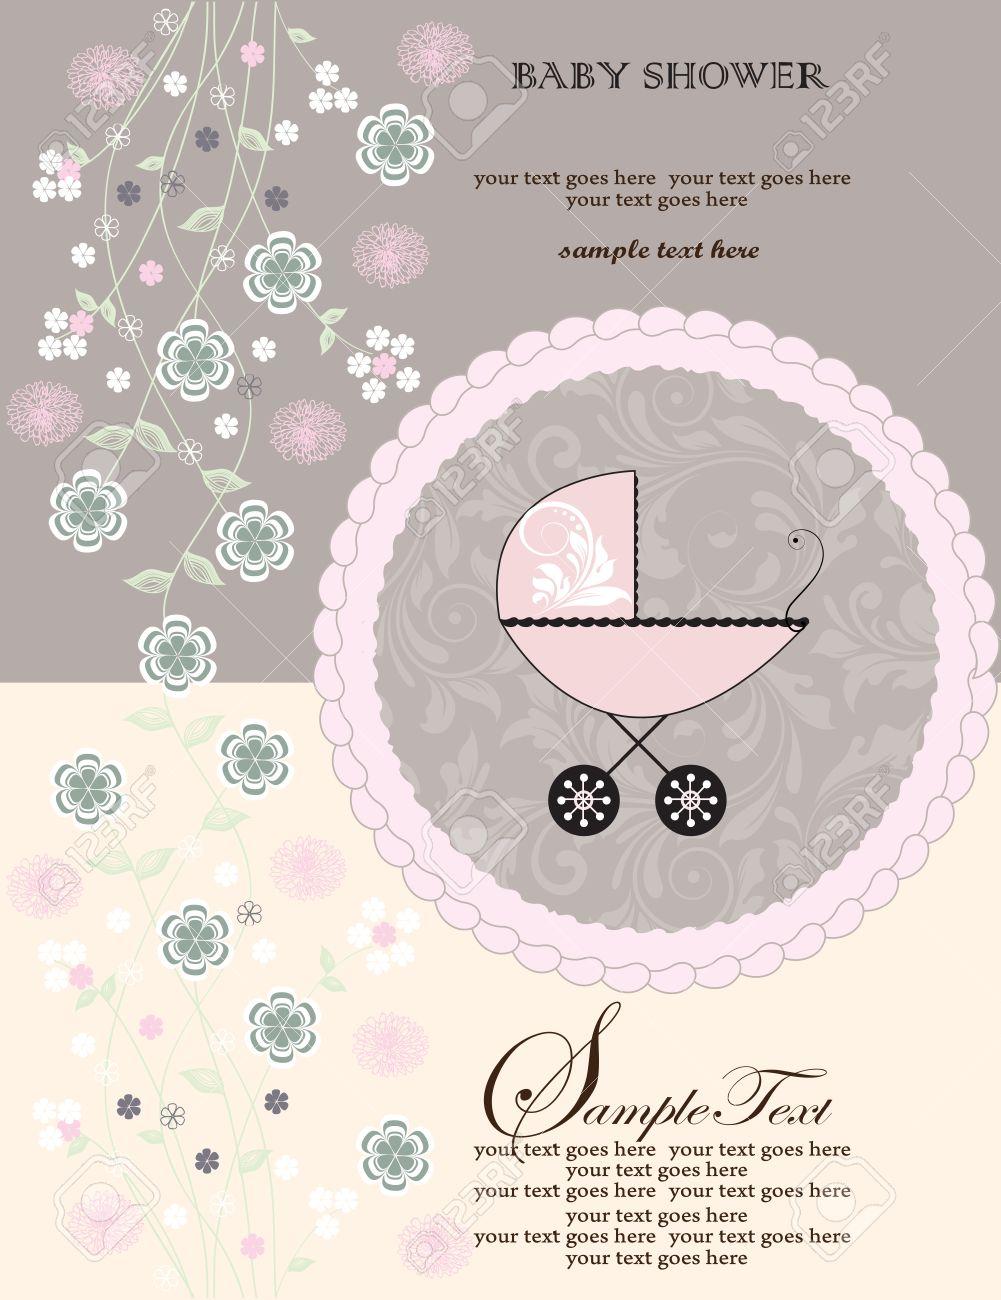 Vintage Tarjeta De Invitación Baby Shower Con Diseño Adornado Elegante Retro Abstracto Floral Flores Rosadas Y Verdes En Color Amarillo Pálido Y Gris